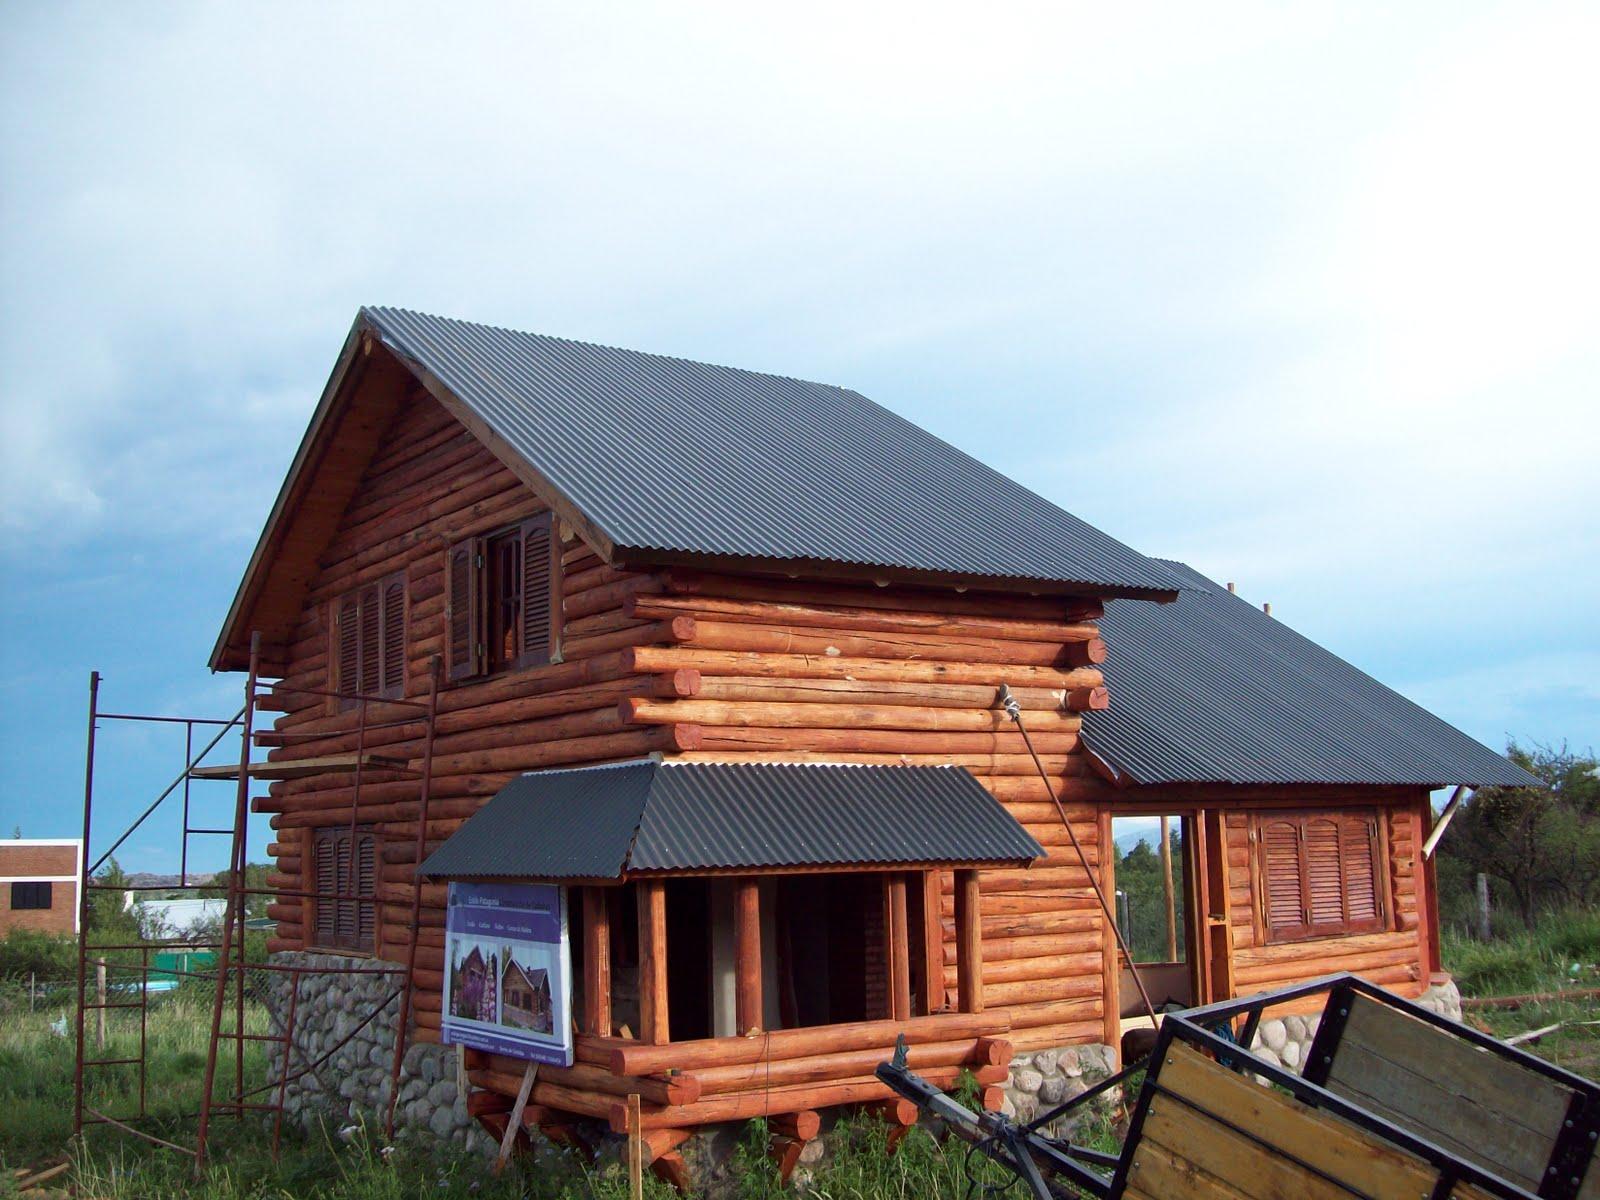 Arquitectura en madera construcci n en madera - Casas de madera de troncos ...